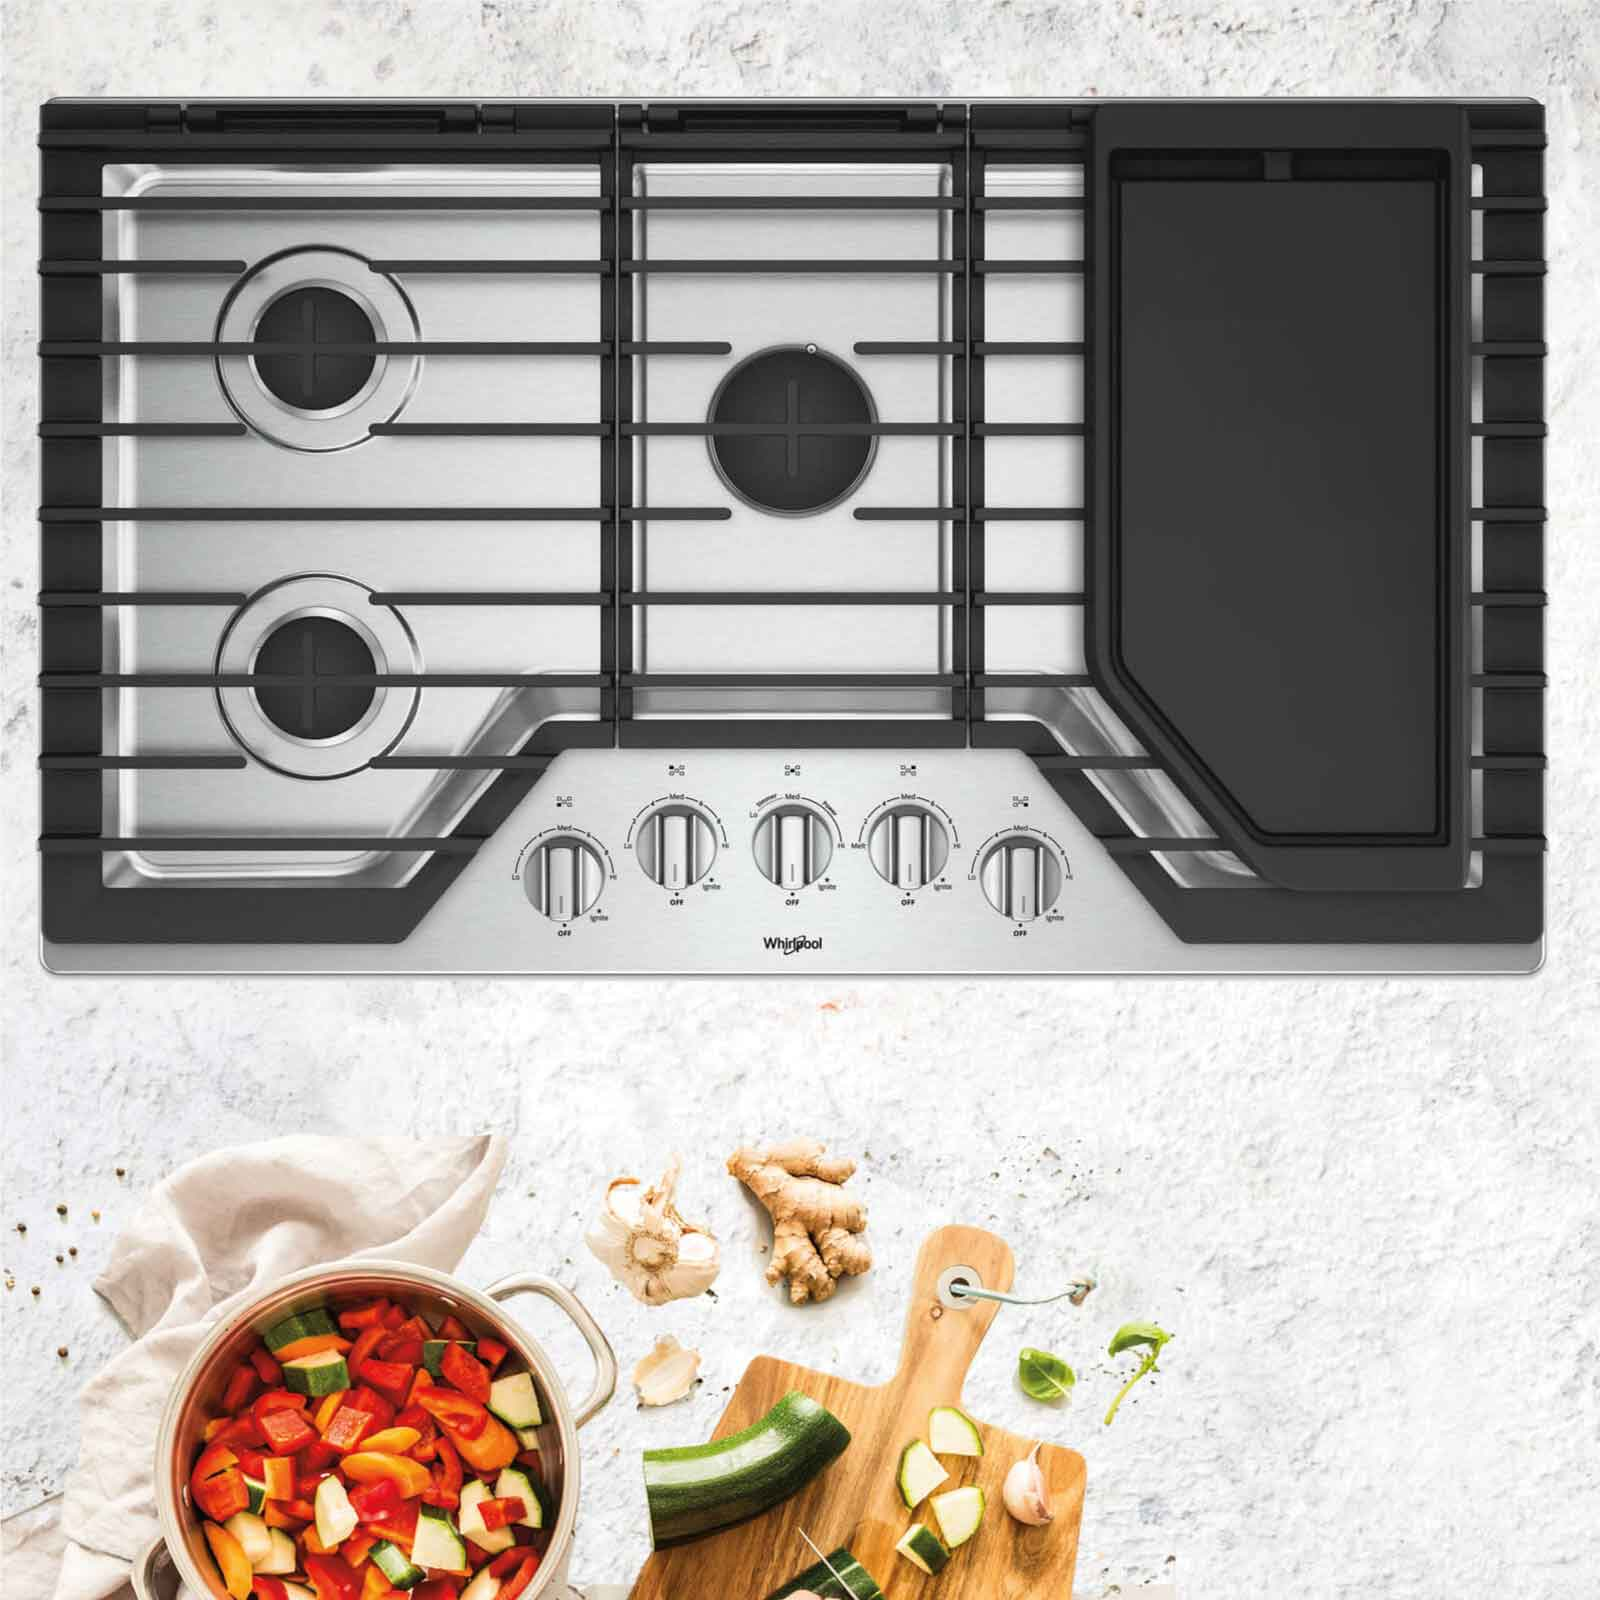 Cubiertas Whirlpool 883049468006 con 5 elementos de cocción o quemadores hecha en acero inoxidable.